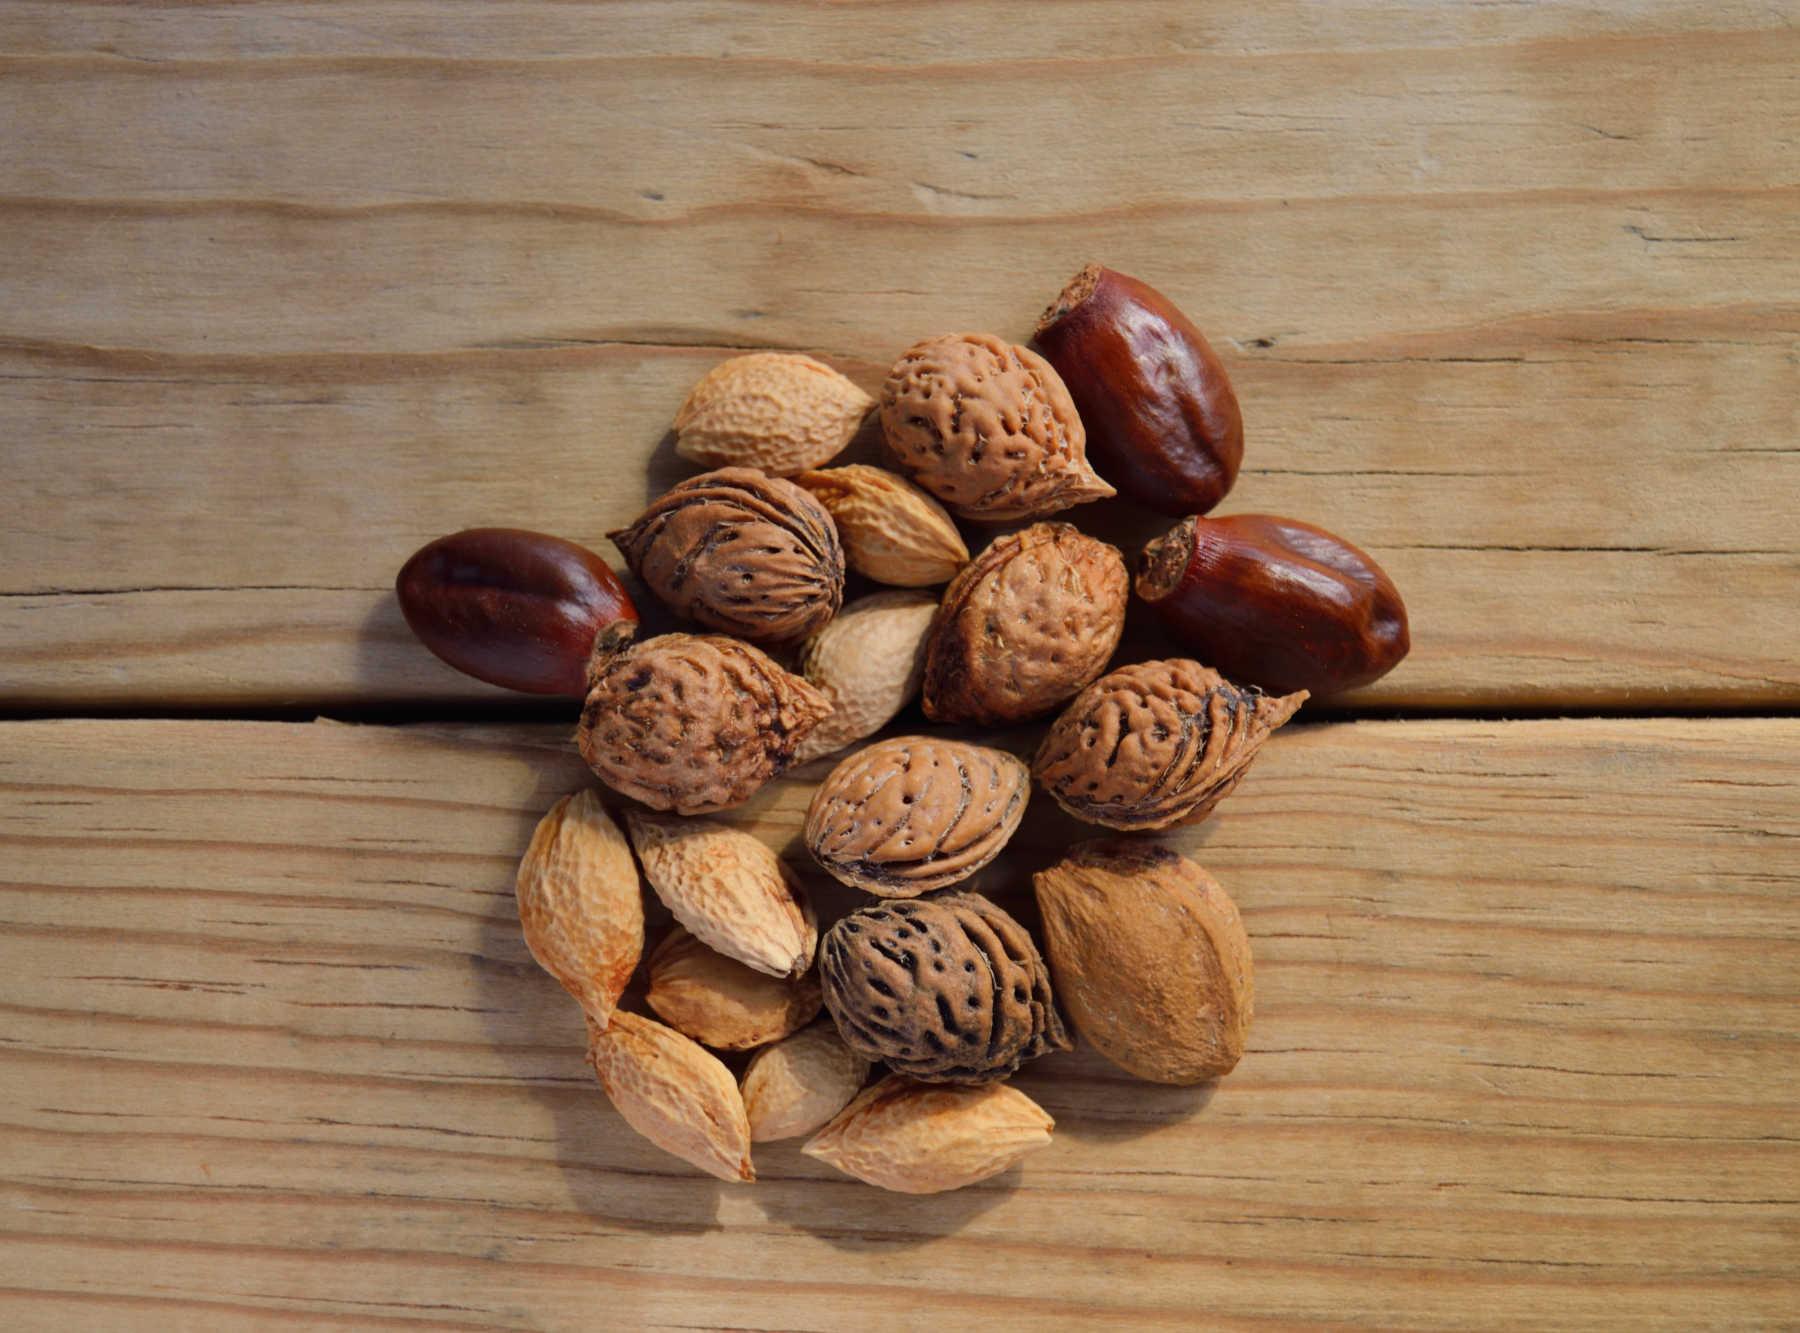 Les bienfaits des noix pour les patients atteints du cancer du côlon